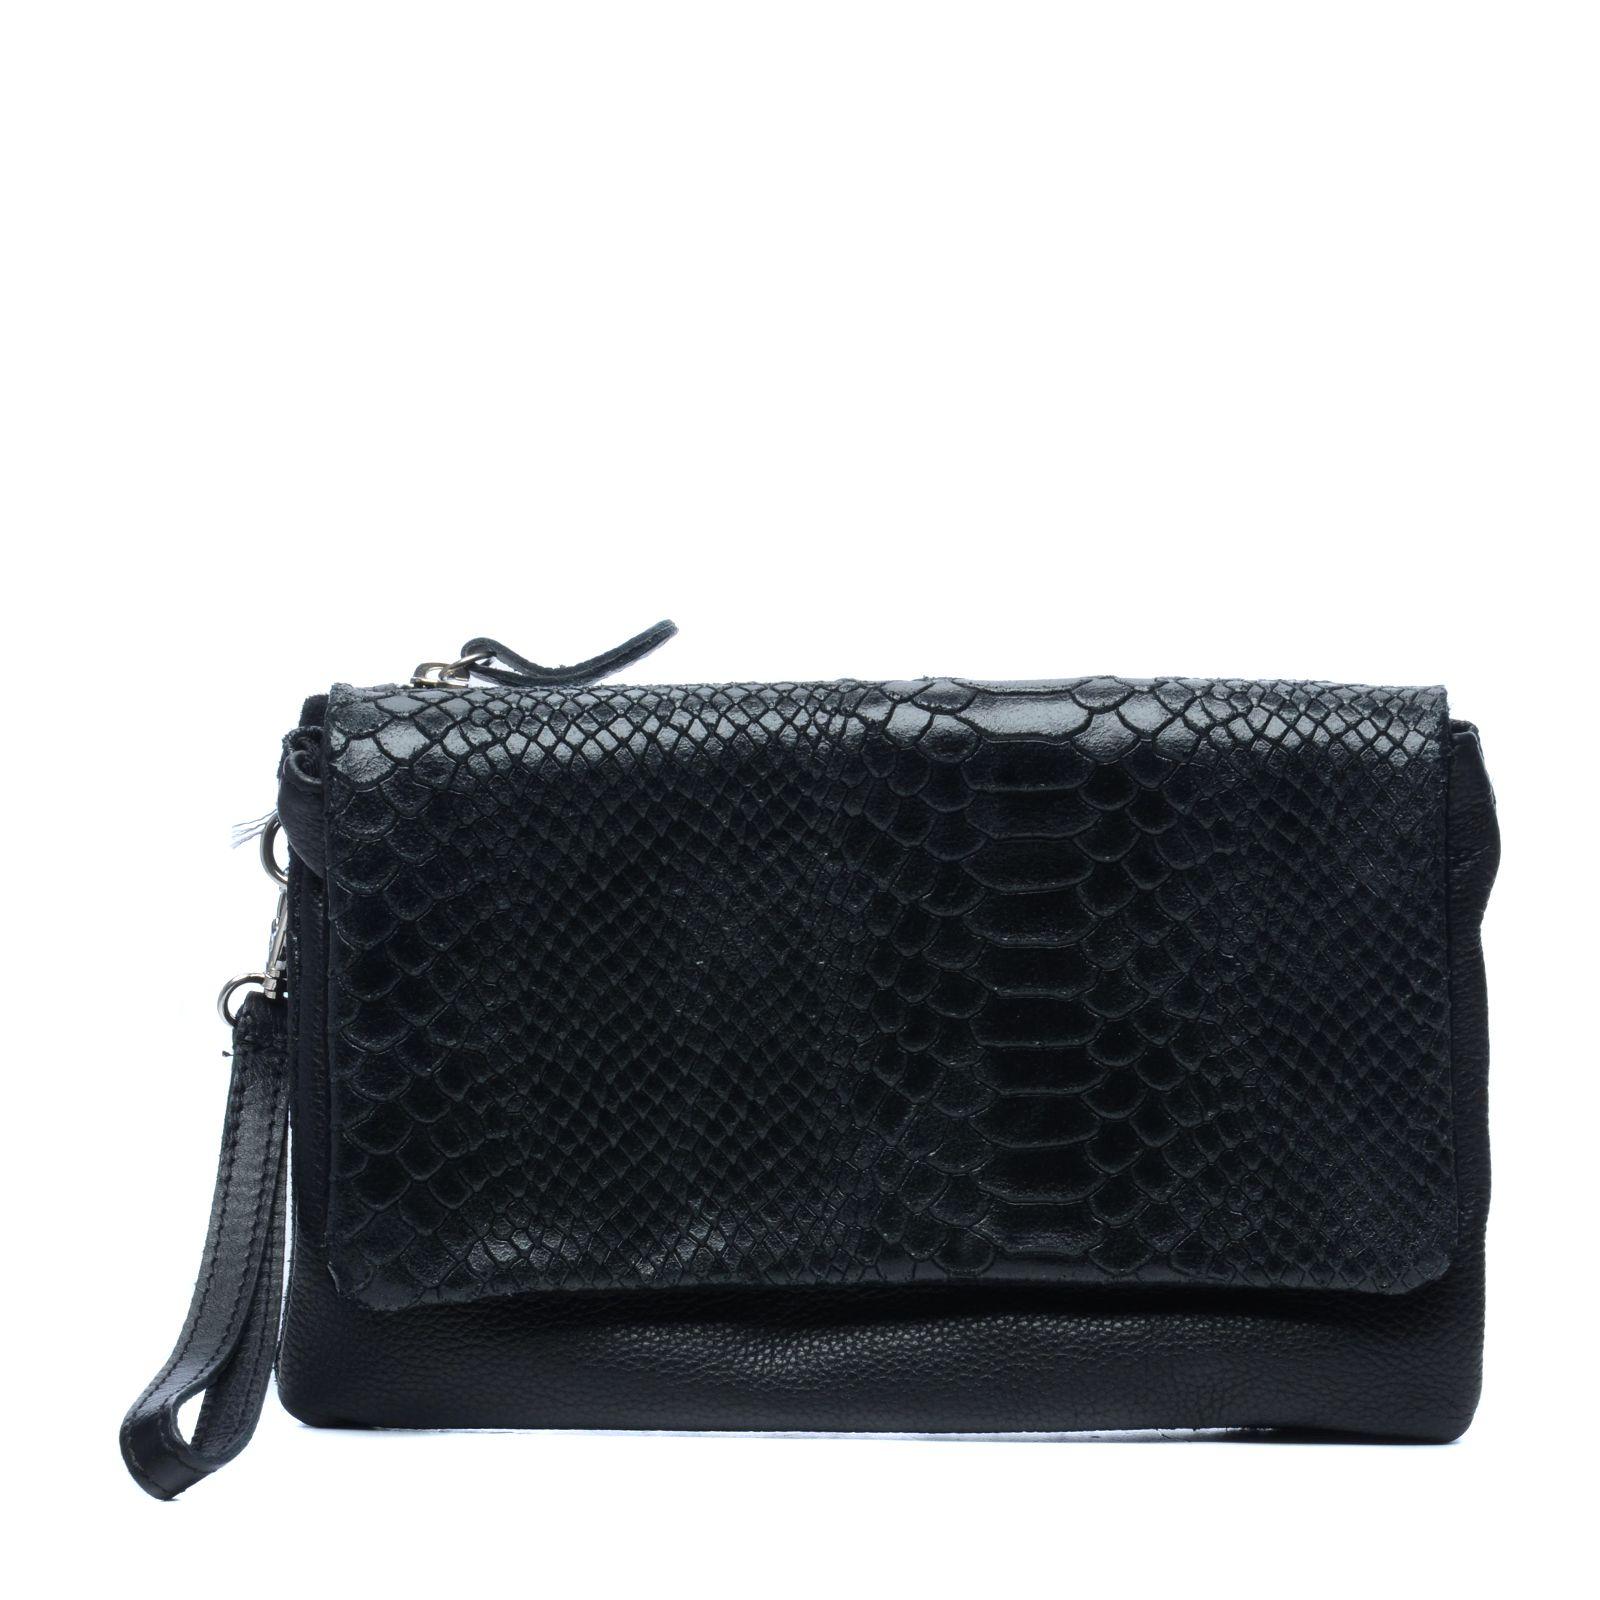 7a20ab97276 Zwart schoudertasje met snake print - Tassen | MANFIELD